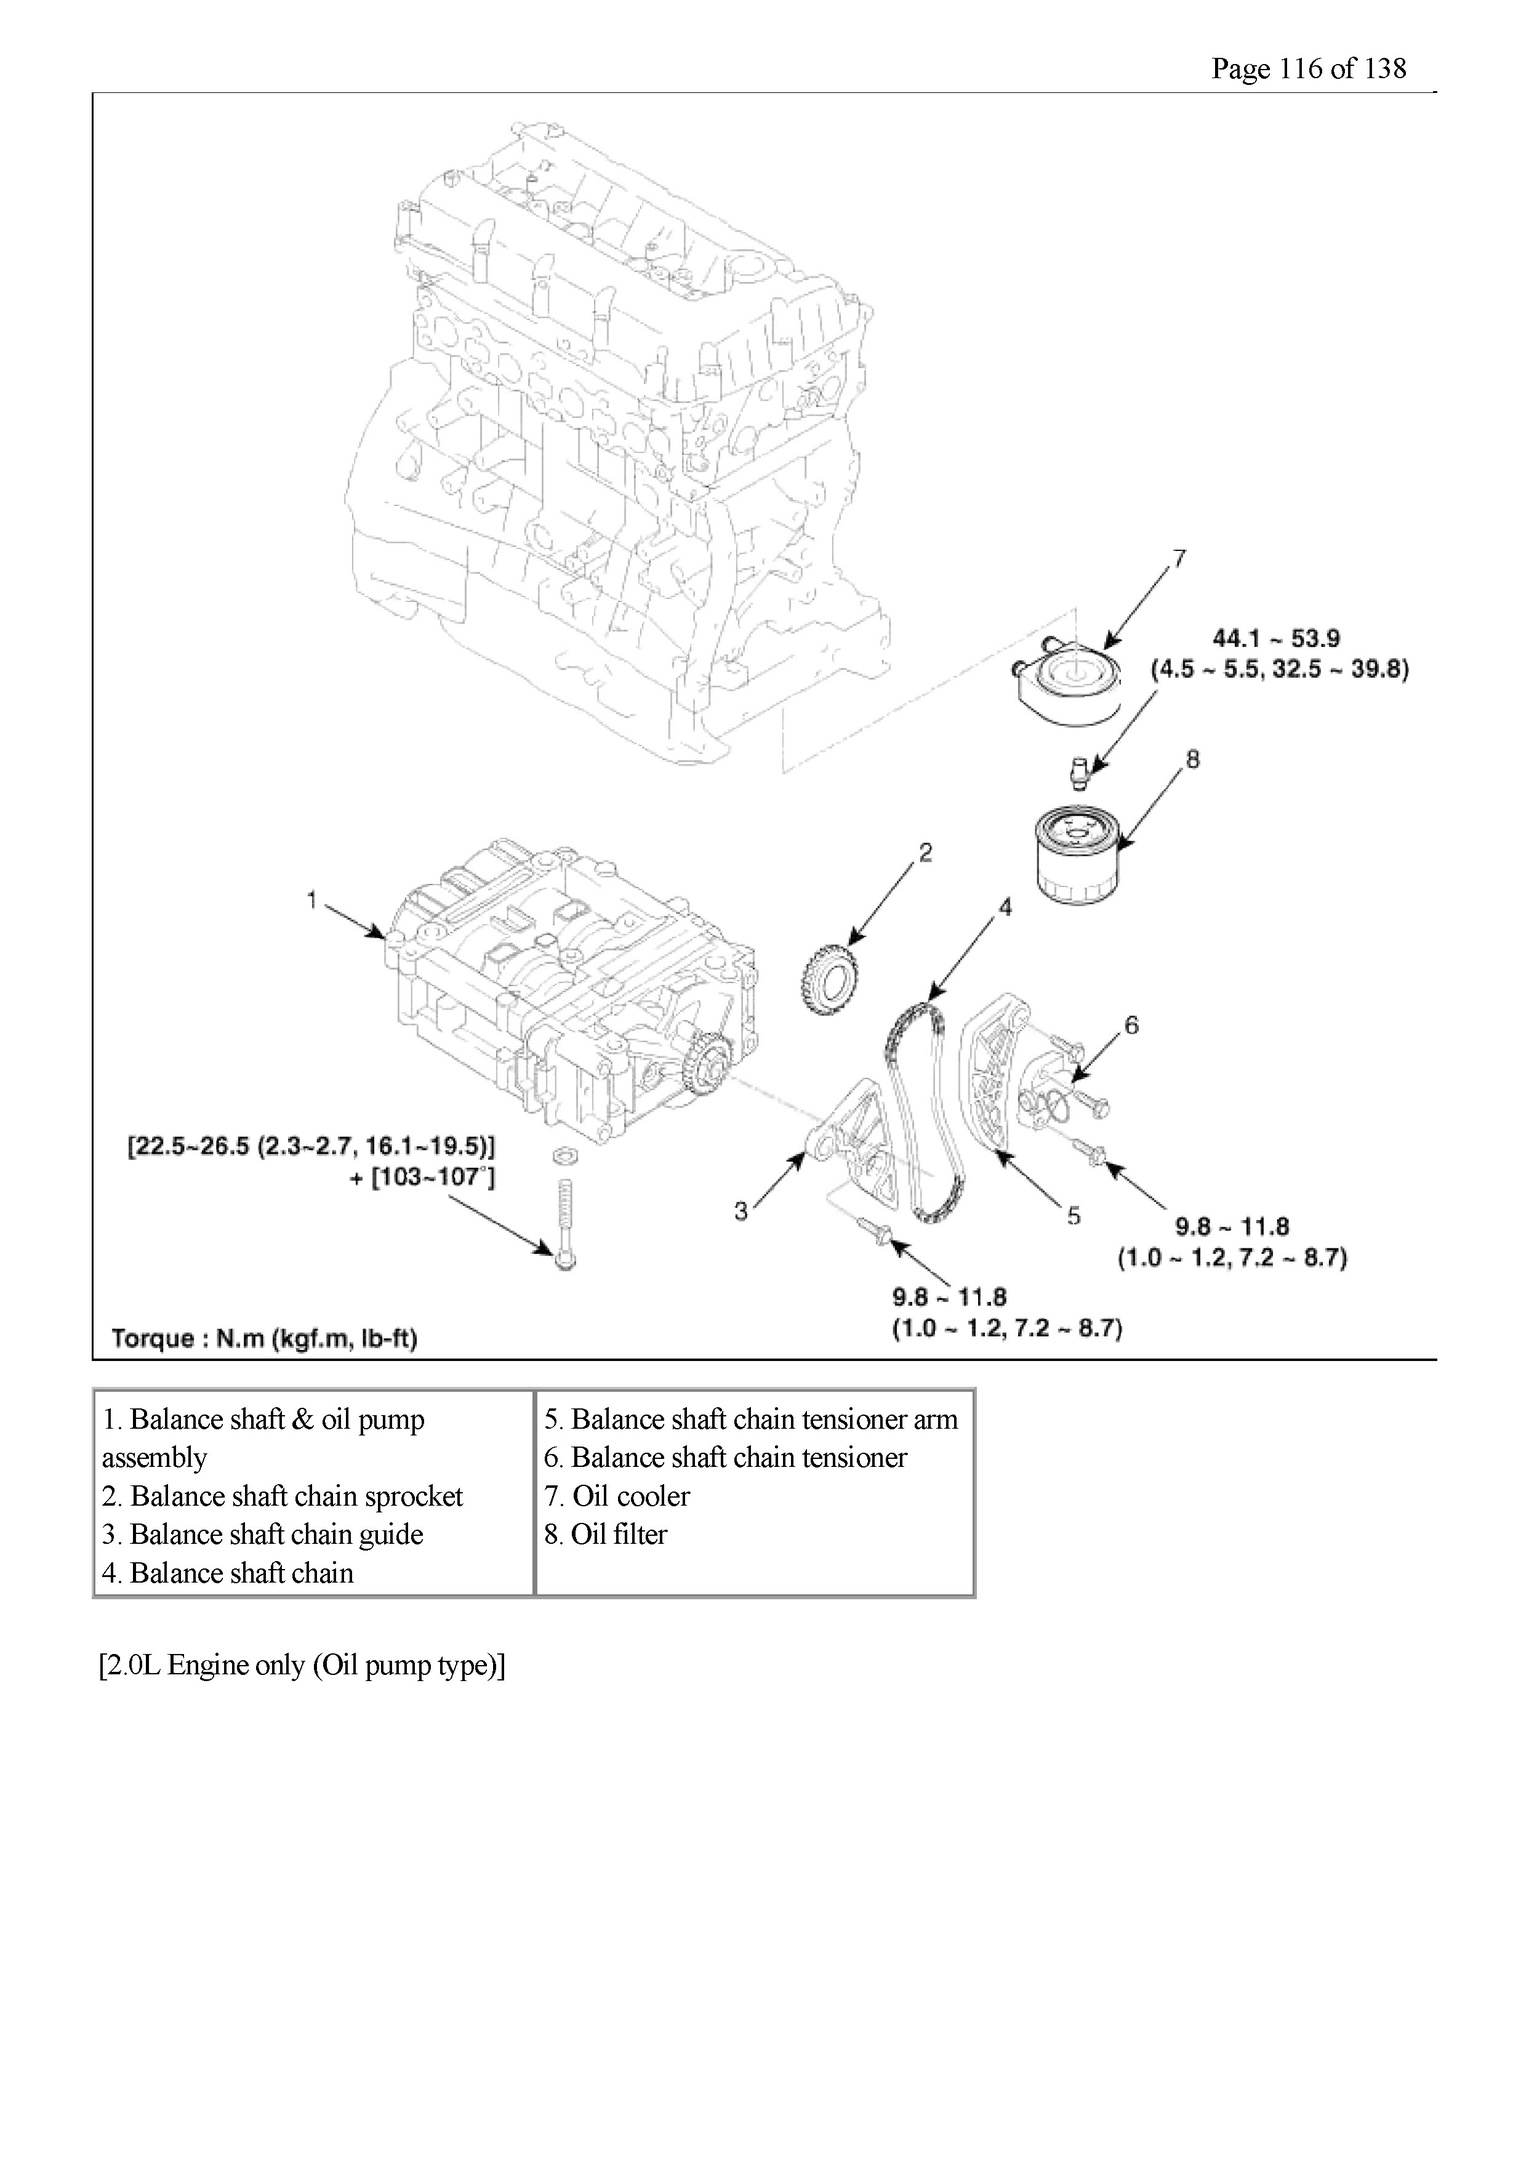 2012 Hyundai Tucson, OEM Workshop Service and Repair M